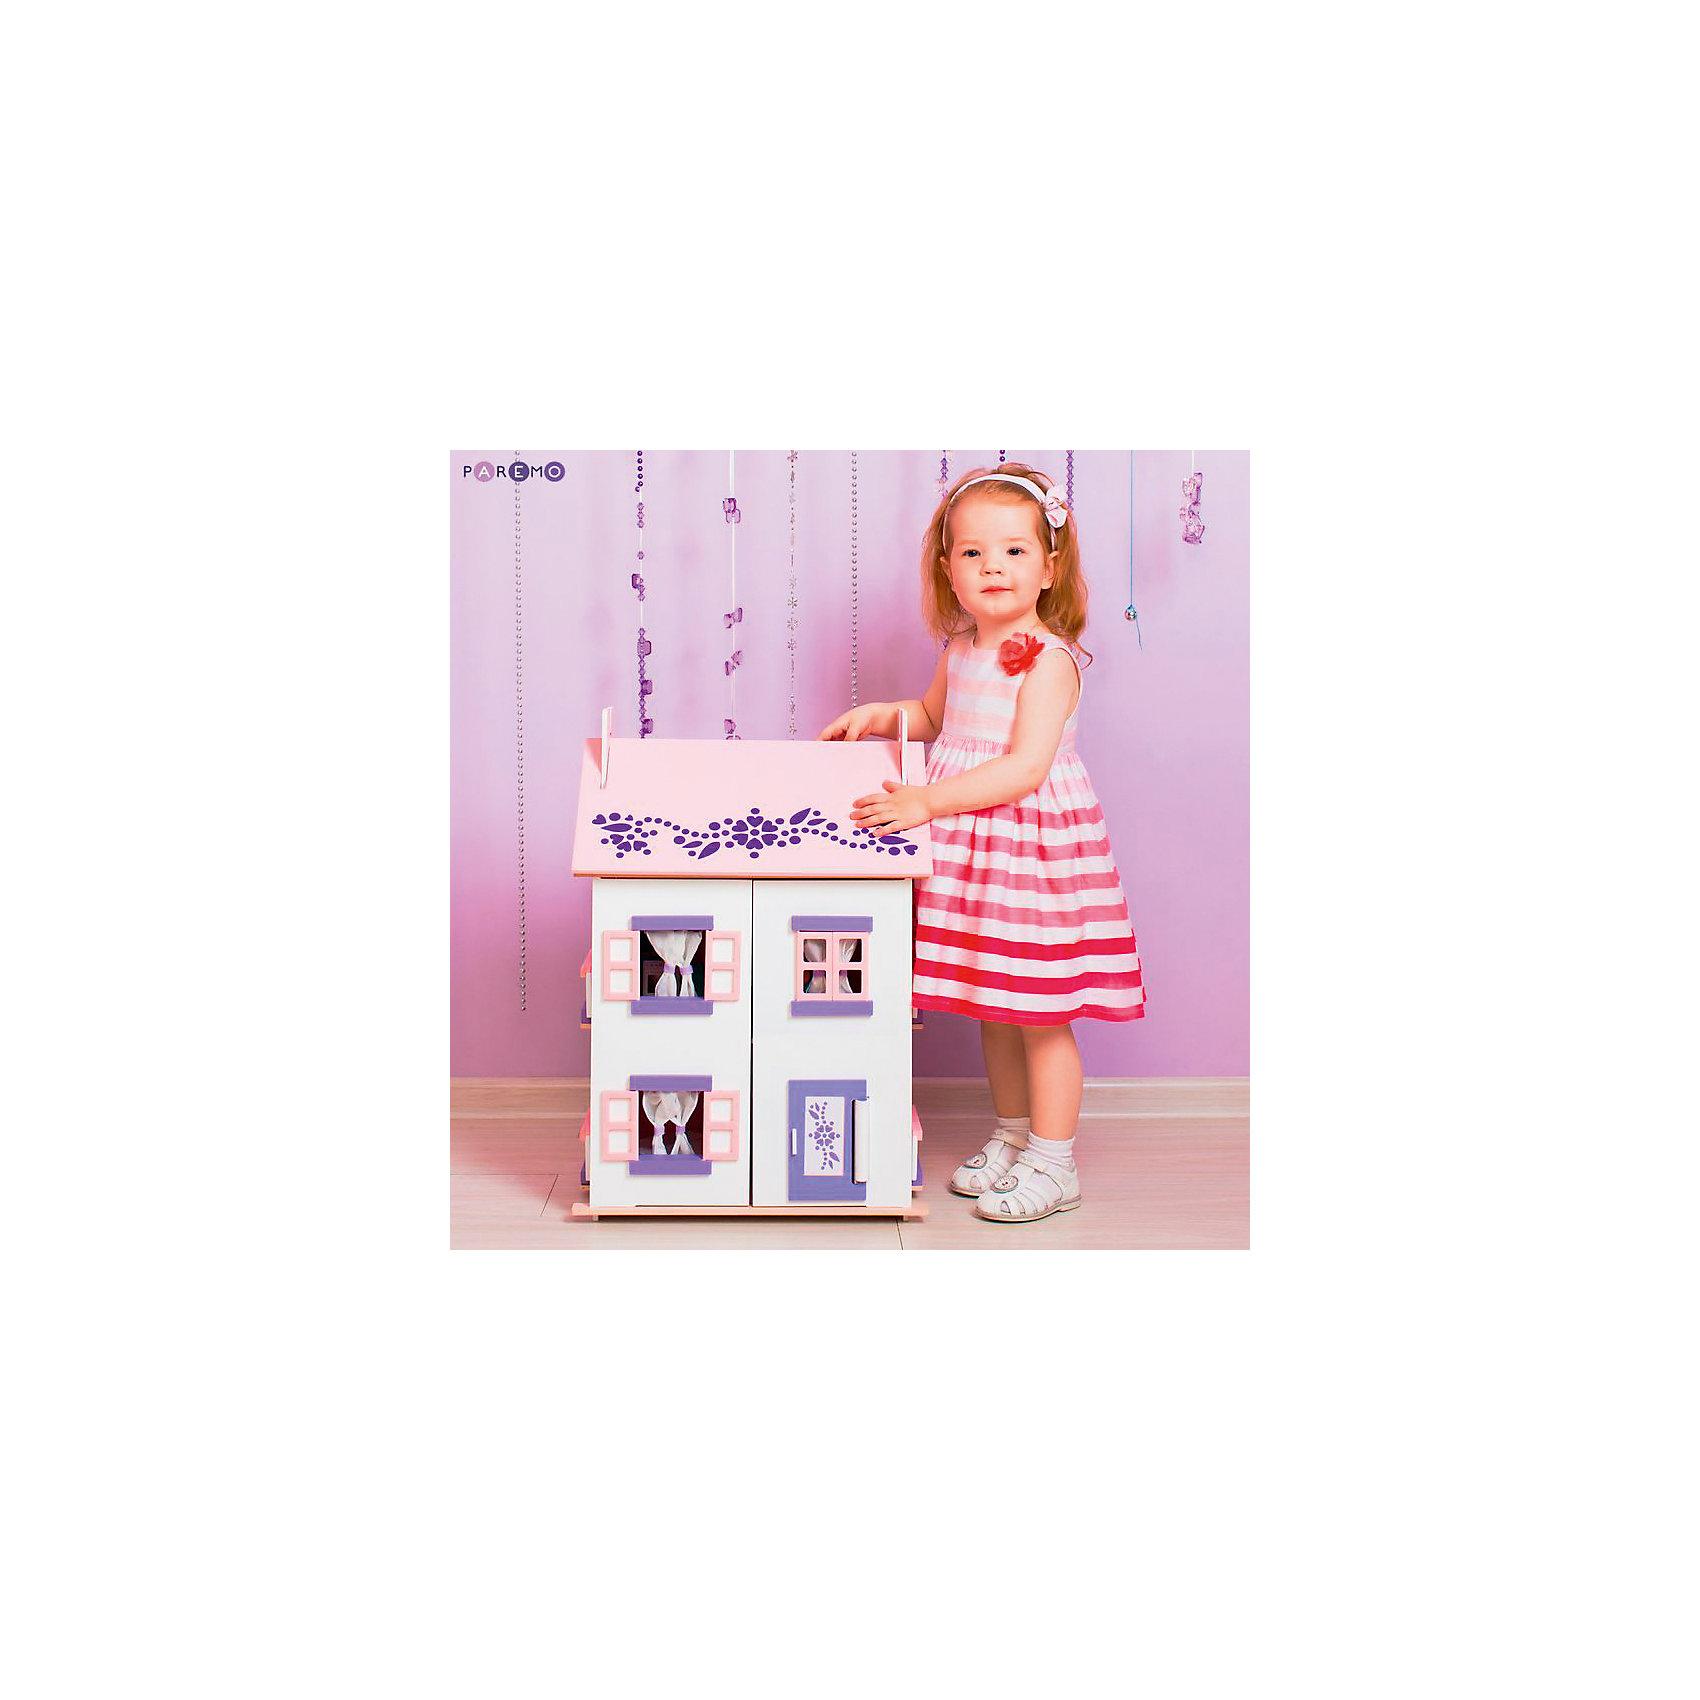 Кукольный домик Анастасия с мебелью 15 предметов, PAREMOДомики и мебель<br>Кукольный домик Анастасия, с мебелью 15 предметов, PAREMO (Паремо).<br><br>Характеристики:<br><br>•Материал: дерево, текстиль. Сделан из натуральных материалов- 100% дерево, ни одного пластикового элемента в каркасе и мебели.<br>•Домик имеет полностью закрытую конструкцию: для доступа к внутреннему игровому пространству нужно открыть лицевые створки фасада и перекидные створки крыши.<br>•2 основных, 3 –й мансардный этаж.<br>•Окна,ставни и дверь свободно открываются и закрываются.<br>•Цвет: бело - розовый.<br>•Подходит для мини- кукол высотой до 15 см.<br>•Конструкция продается в разобранном виде. Инструкция по сборке входит в комплект.<br>•Размер игрушки в собранном виде - 45х35х65 см.<br>•Размер упаковки - 67х44х12 см.<br>•Вес 11 кг. <br><br>В комплекте:<br><br>• 15 предметов мебели: раковина, унитаз (крышка поднимается), 2-спальная кровать, тумба, торшер; обеденный стол, 2 стула, кухонный стеллаж, плита; диван, тумбочка, часы, тумба под телевизор, плоский телевизор.<br>• 23 декоративные наклейки для украшения интерьера и фасадов (снаружи - 2 наклейки с цветами для боковых цветников снаружи домика, орнамент на дверь; внутри первого этажа – окно, 4 фото-рамки, 2 бра; второго этажа – кухонный коврик, буфет и полка, салфетка на стол и 2 наклейки на плиту, третьего этажа - 3 картины, 2 мансардных окна, циферблат часов, экран телевизора).<br><br>ВНИМАНИЕ! Куклы, кукольная одежда и транспорт, а также текстиль приобретается отдельно!<br><br>Кукольный домик Анастасия, с мебелью 15 предметов, PAREMO. Домик выполнен в современном стиле. Очаровательный дом предназначен для сюжетно-ролевых игр («Семья», «Дочки- матери» и т. п.) В доме 3 этажа, 4 просторных комнаты. На первом этаже располагаются ванная комната и спальня. На втором этаже – кухня - столовая. На третьем – уютная гостиная. Окна в домике в виде больших проемов по бокам дома, ведущих на балкончики, и 3 окошка с розовыми рамами на лицевом фасад